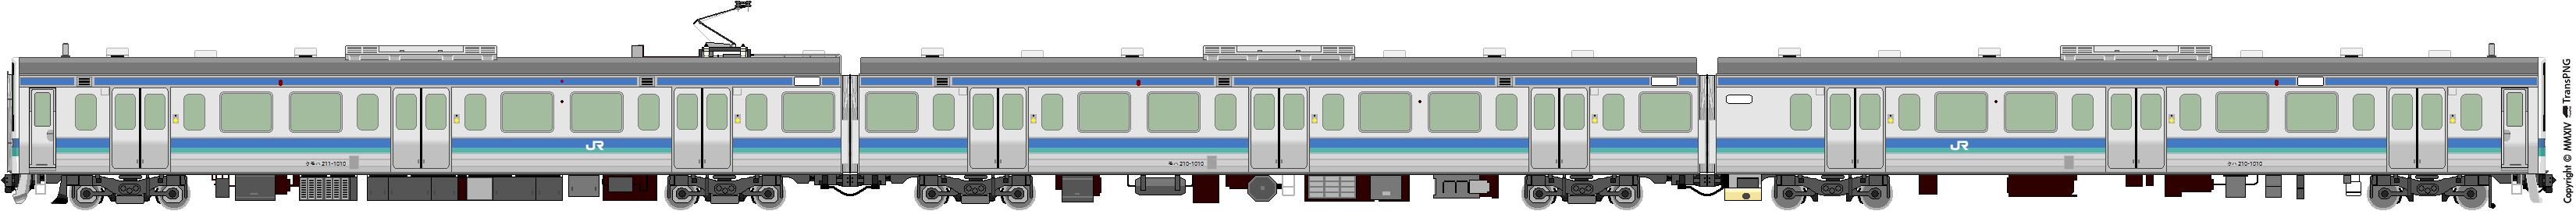 [5408] 東日本旅客鐵道 5408